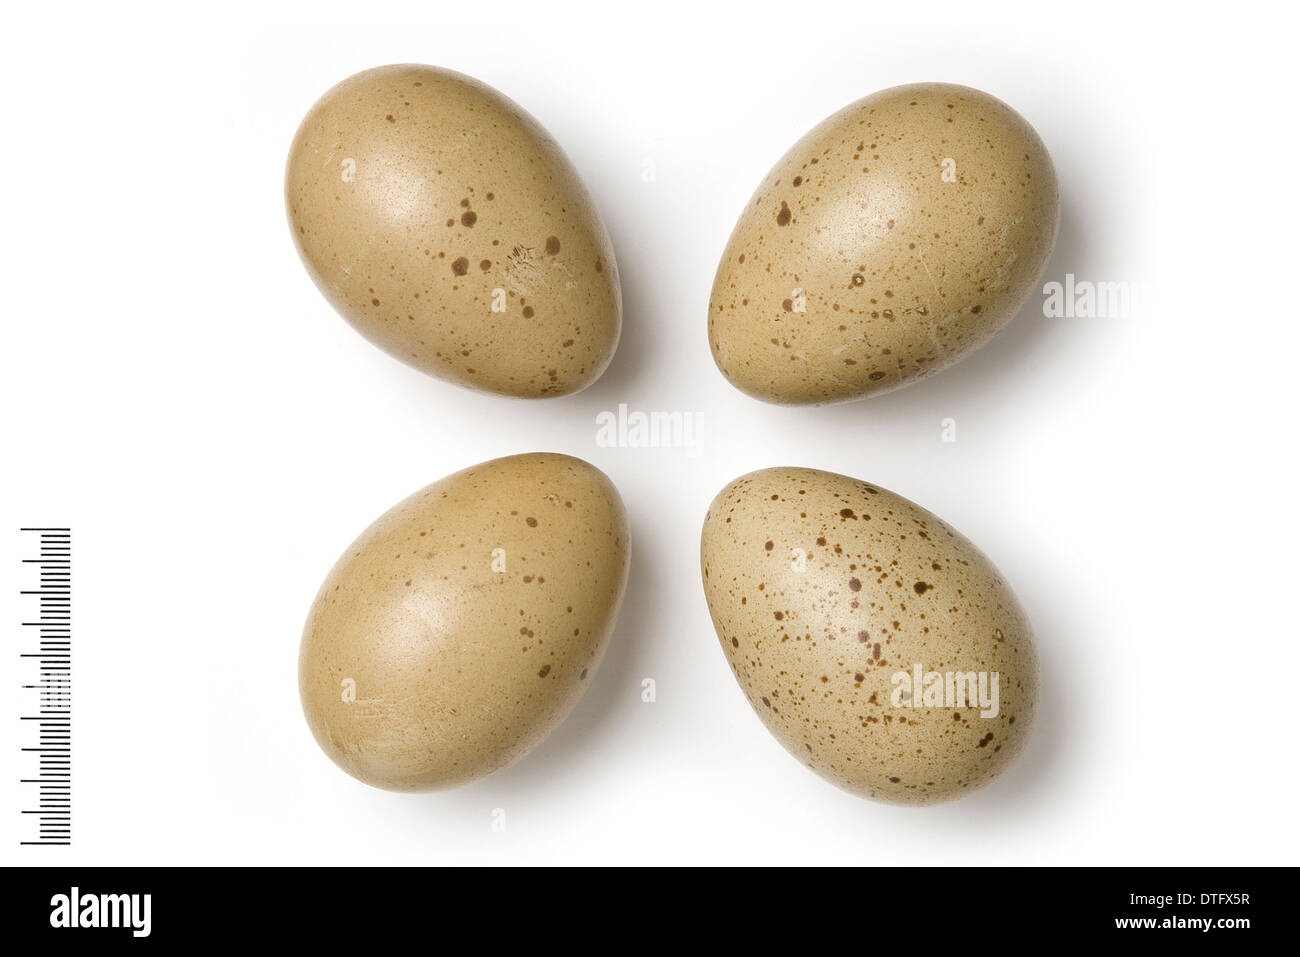 Tetraogallus caspius, caspian snowcock eggs - Stock Image